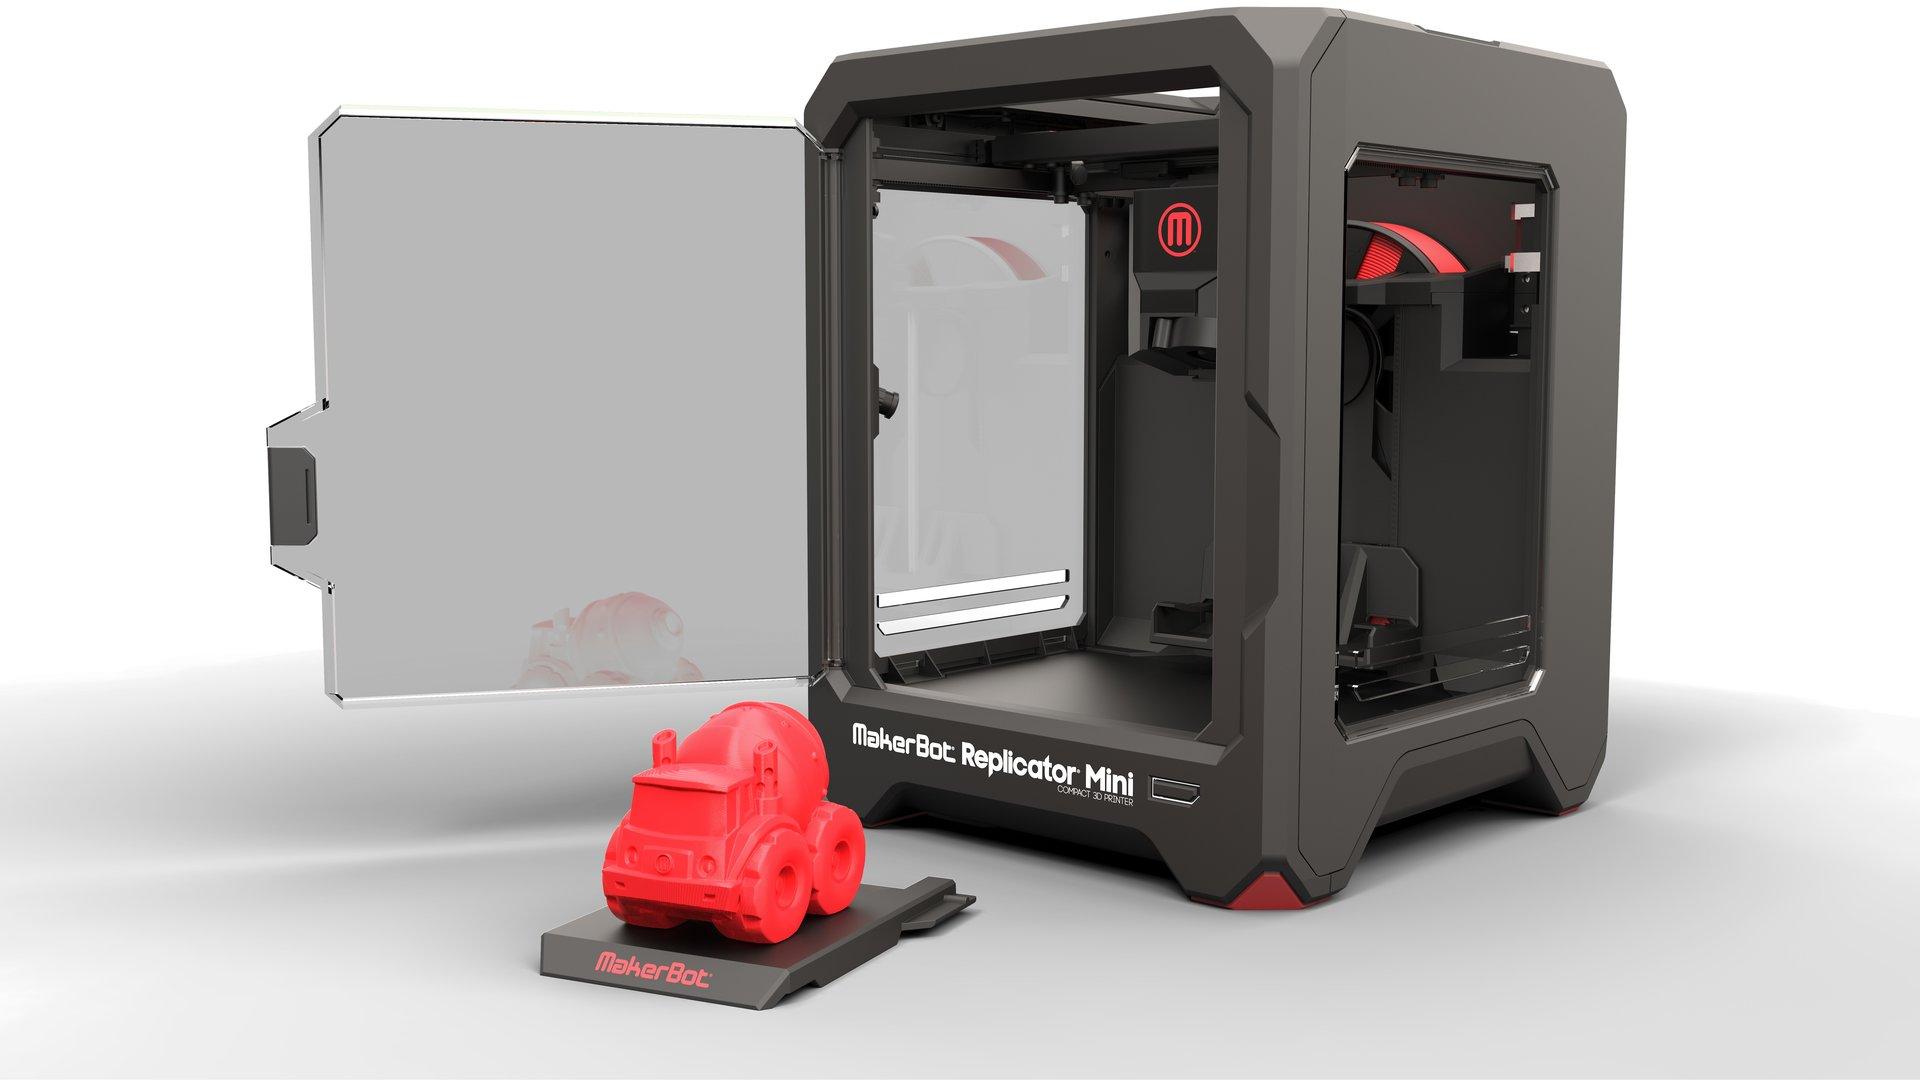 Der Replicator Mini von MakerBot